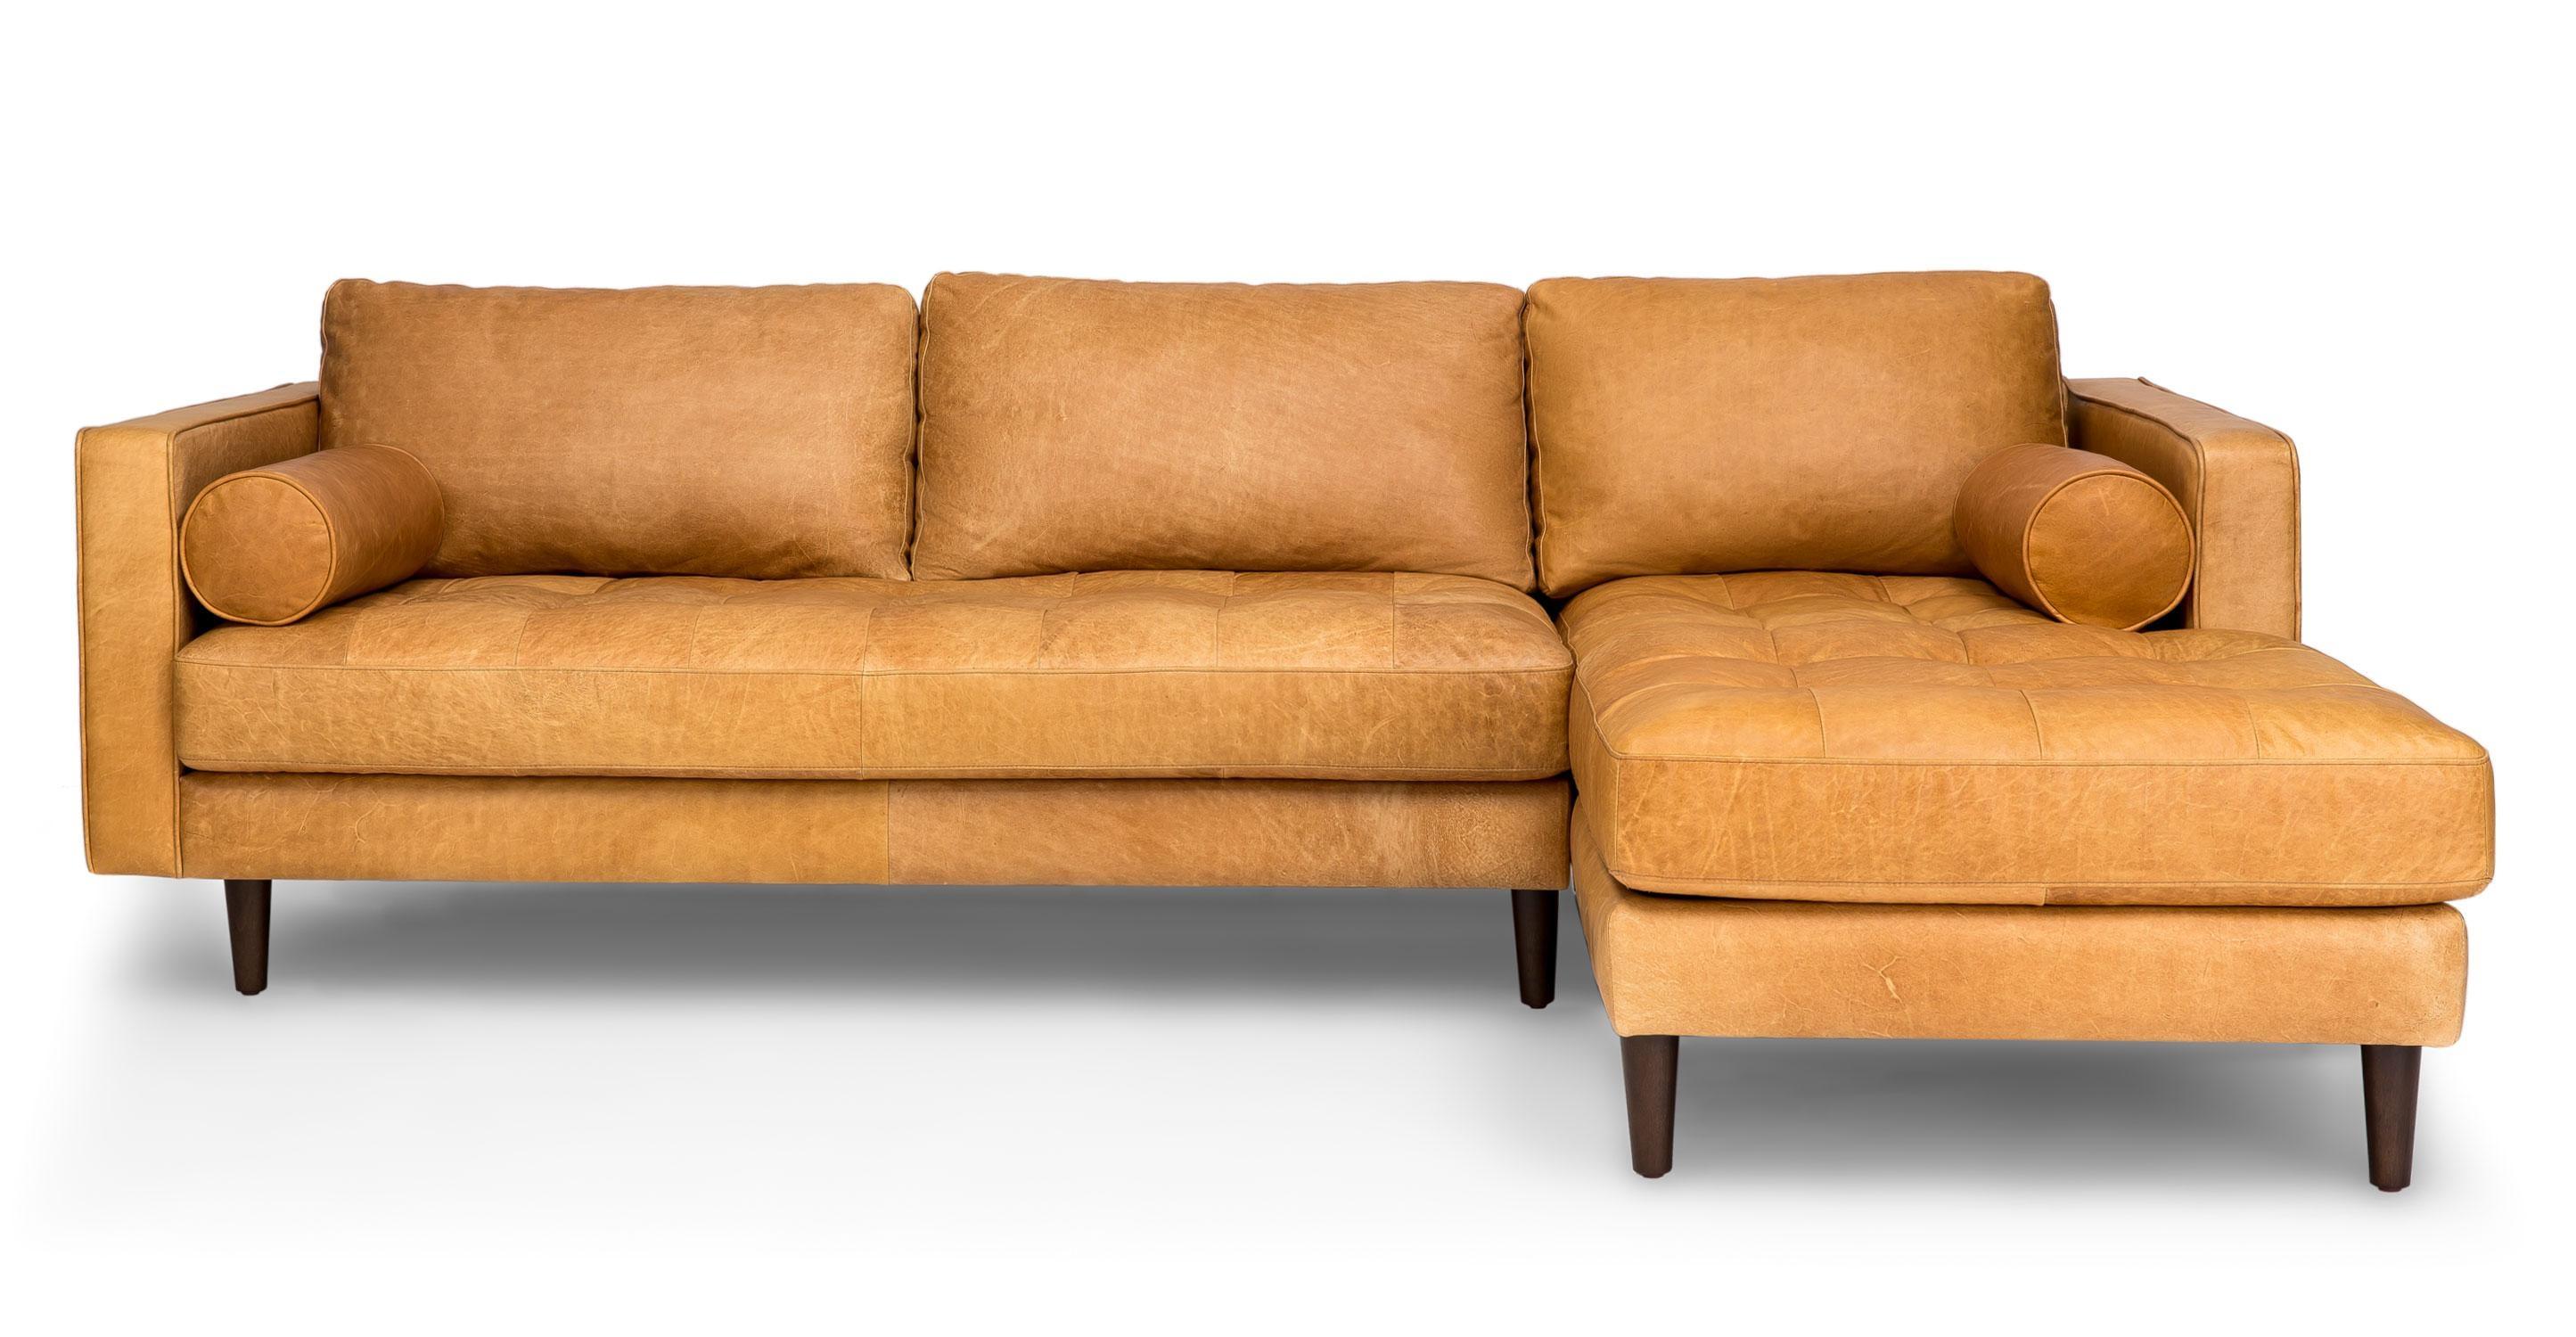 Modern Sectional Sofa Toronto (Image 15 of 15)